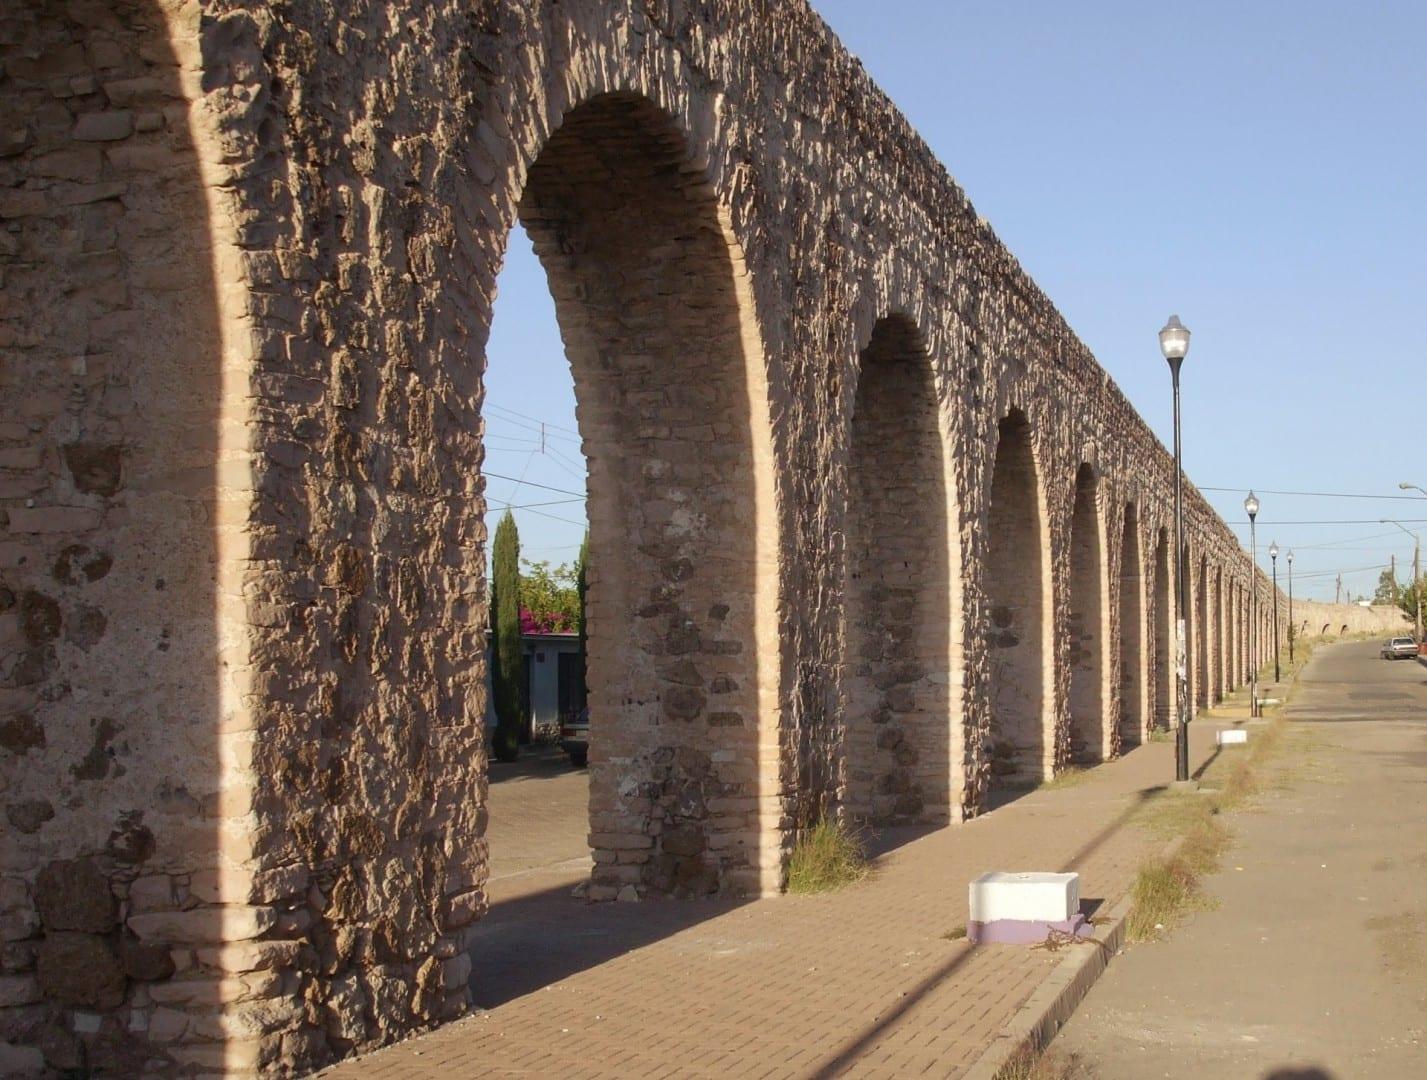 Parte del sistema de acueductos coloniales en Chihuahua. Chihuahua México